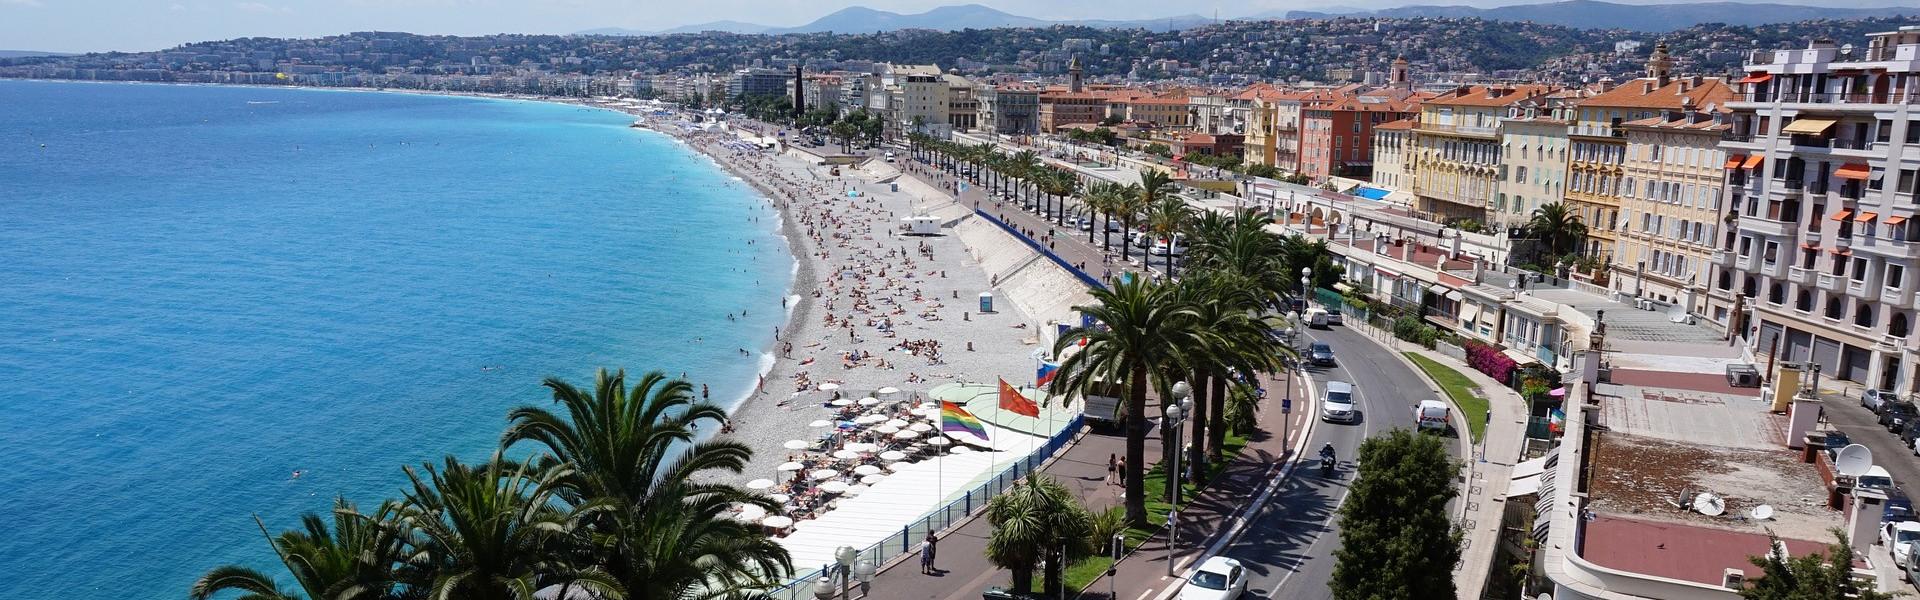 Main image ofSéjour de fêtes sur la Côte d'Azur